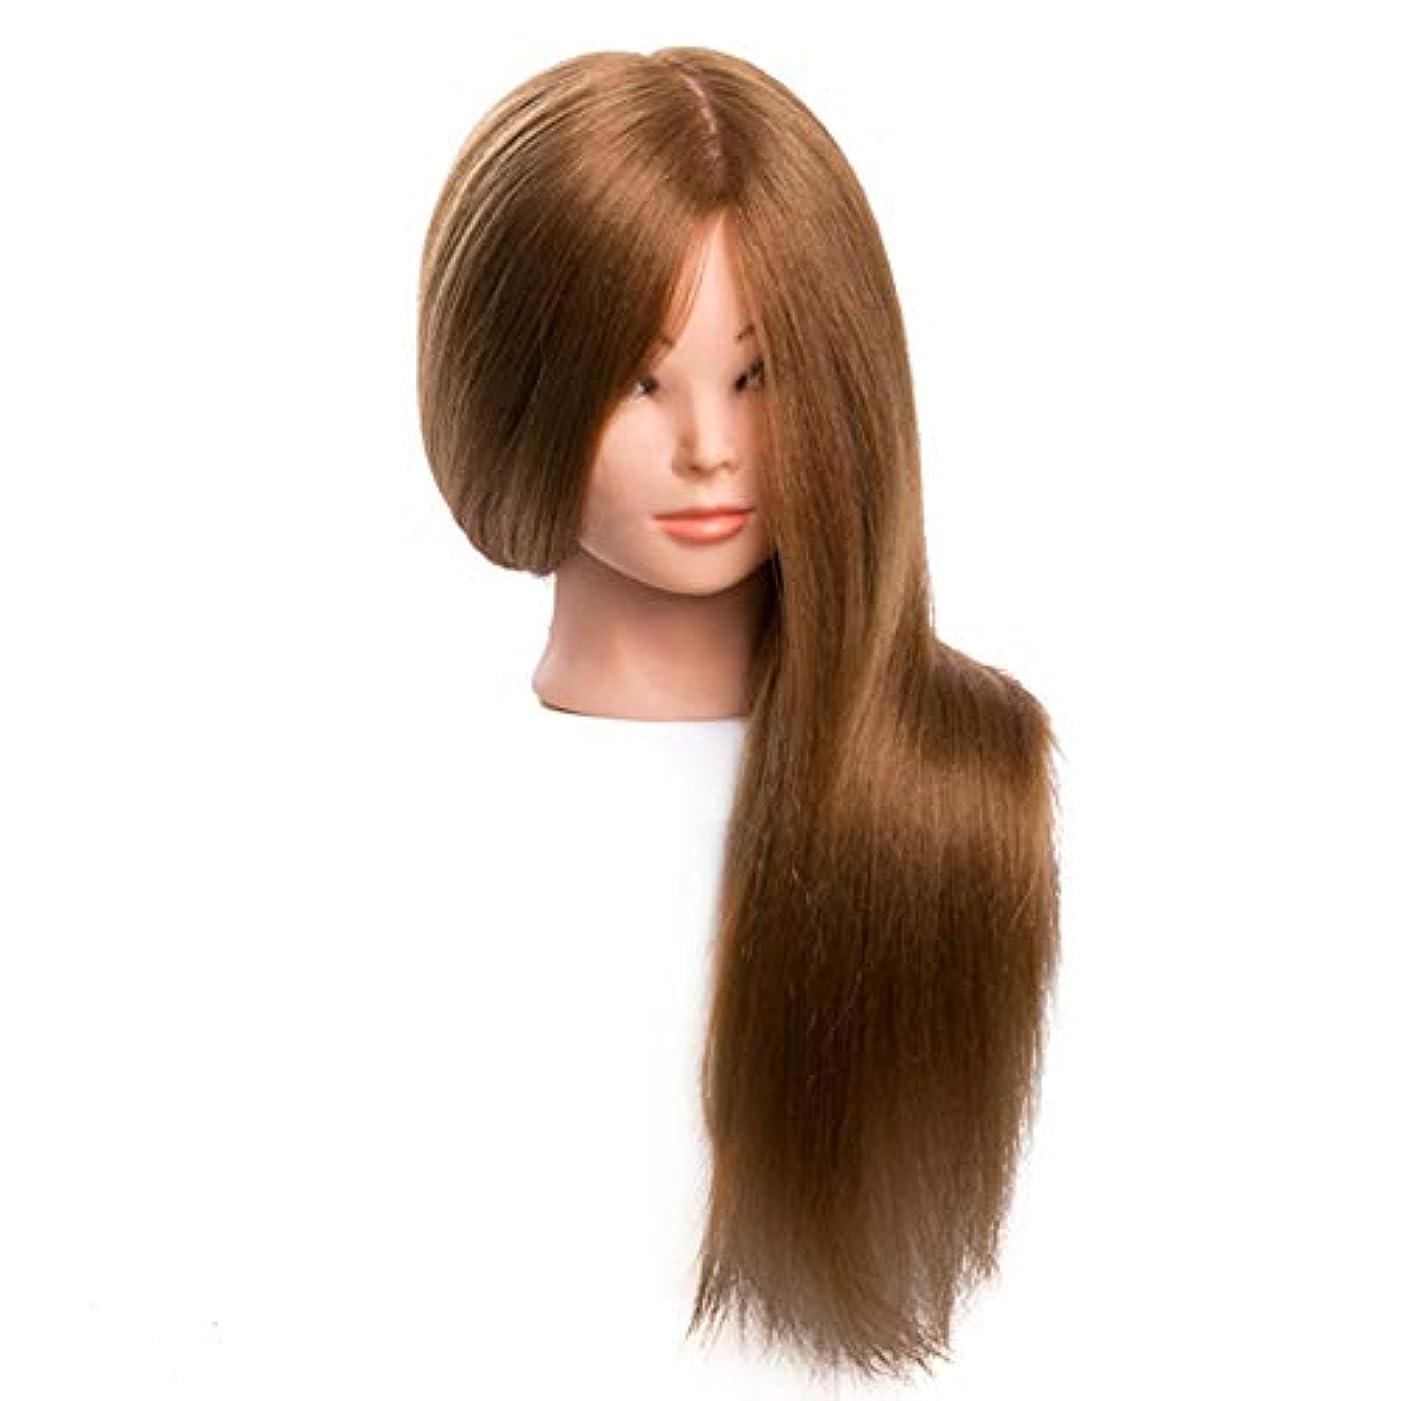 採用する賞討論サロンエクササイズヘッド金型メイクディスクヘアスタイリング編組ティーチングダミーヘッド理髪ヘアカットトレーニングかつら3個